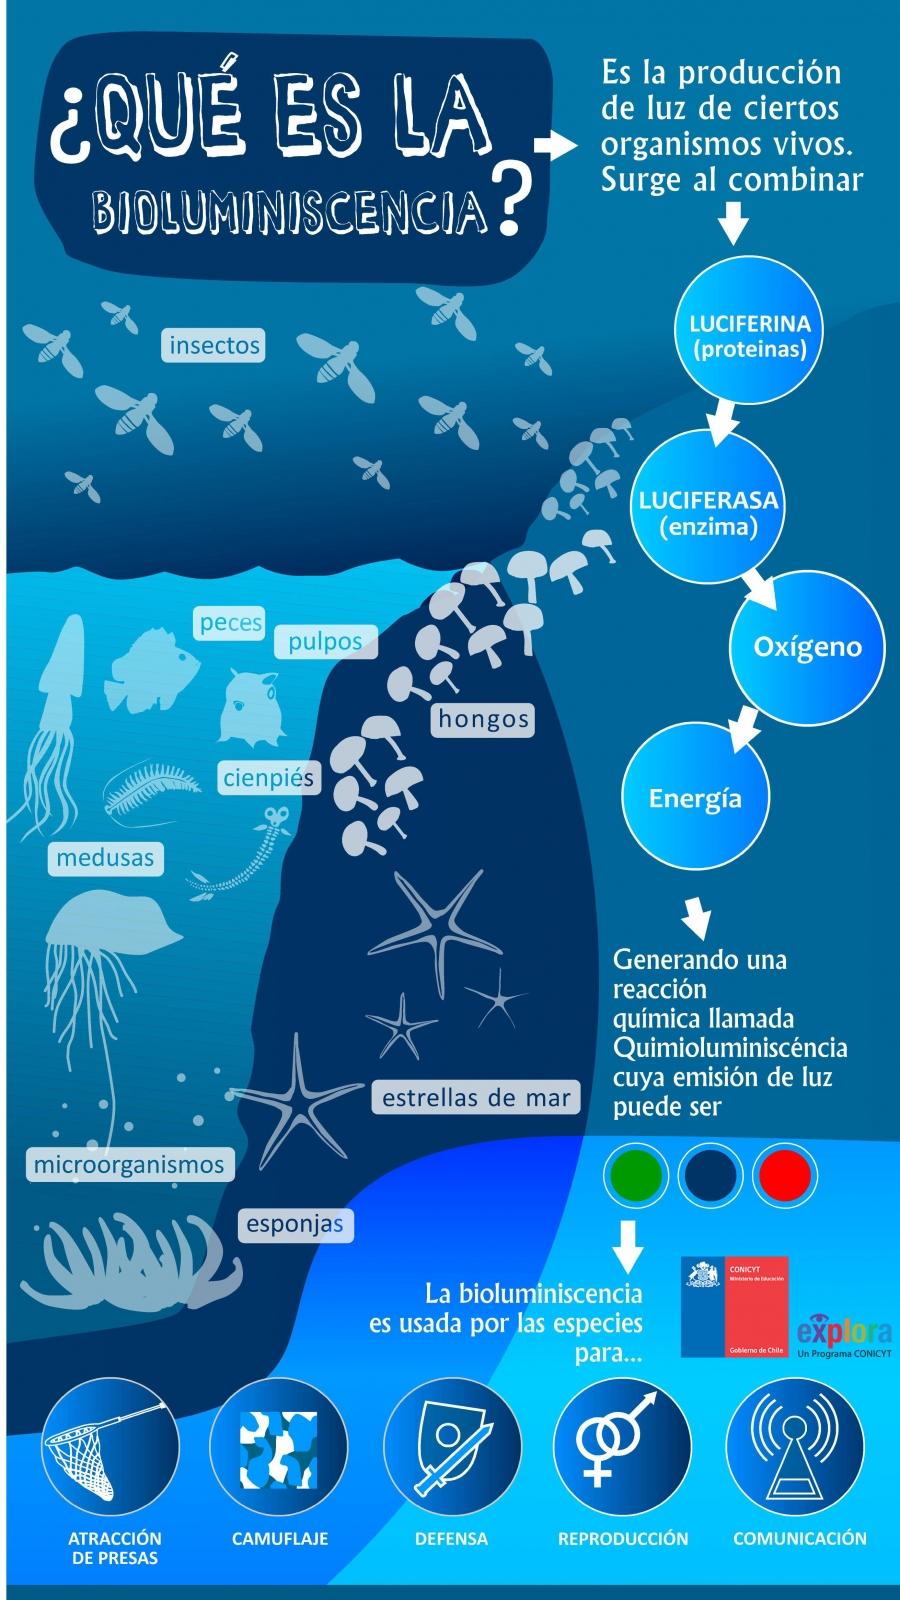 ¿Qué es la biolomuniscencia?